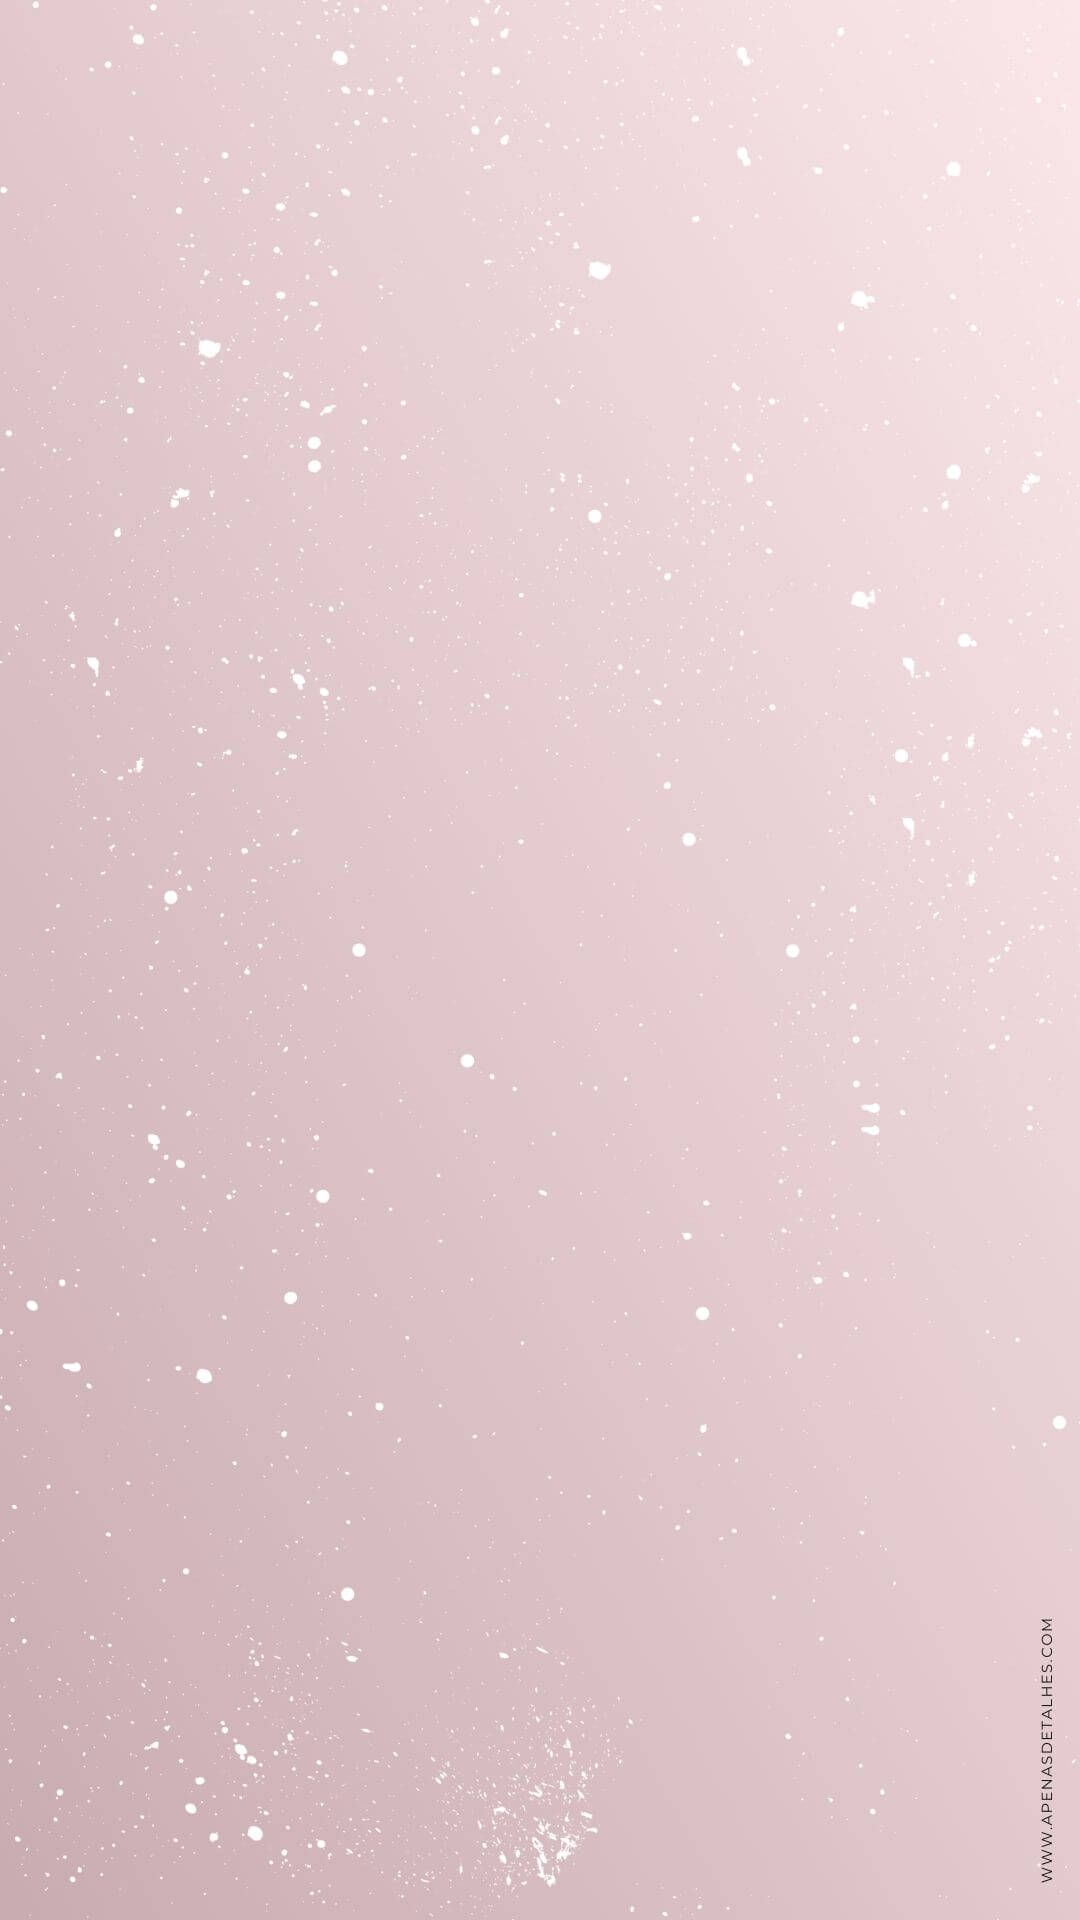 Wallpapers para celular feminino: floral e tumblr | Apenas Detalhes